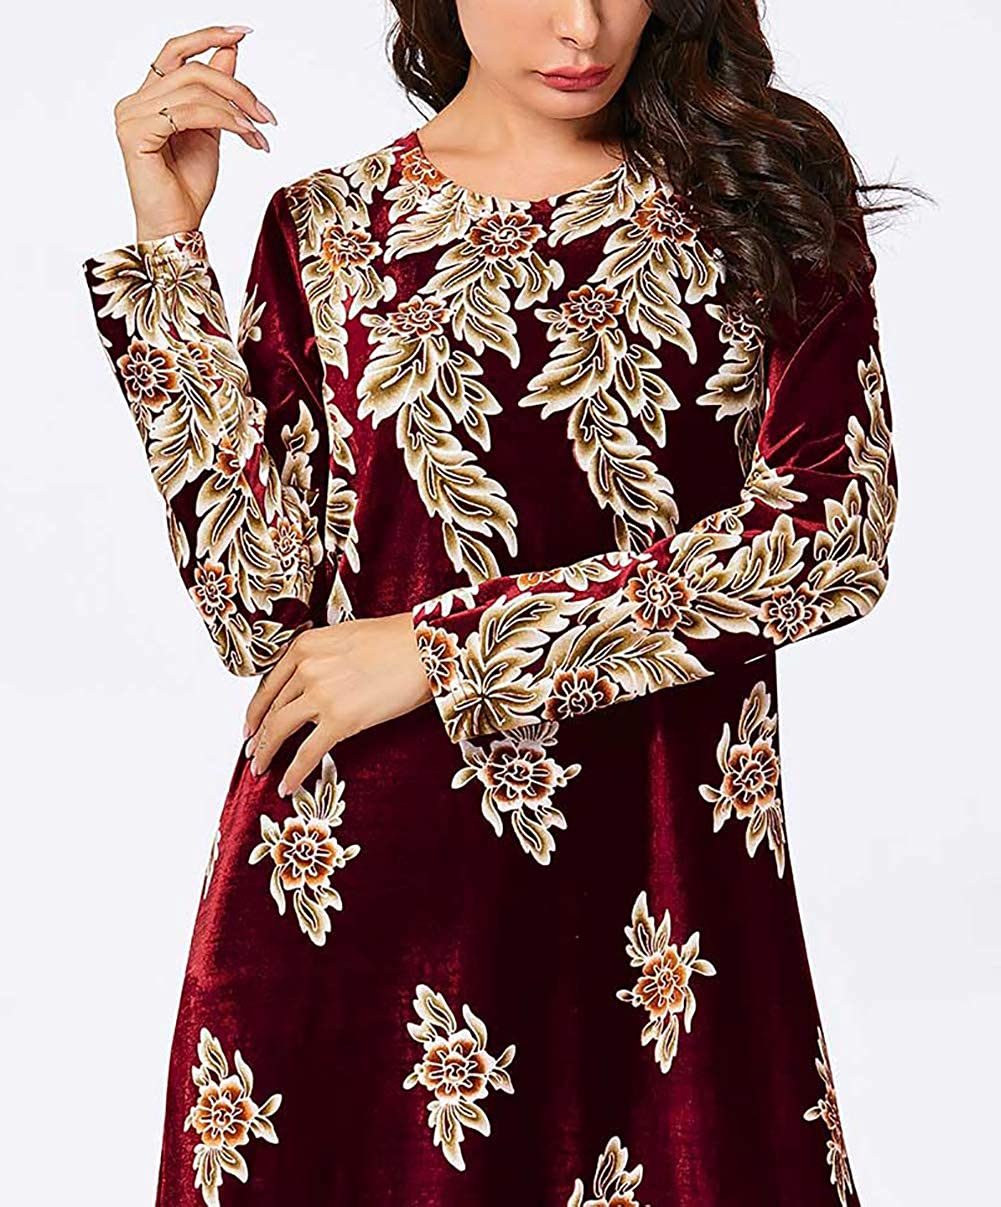 Donne Musulmane Swing Maxi Abito Signore Stampa Floreale Velluto Caftano Manica Lunga Dubai Abaya Elegante Taglia Grossa Vestito da Sera